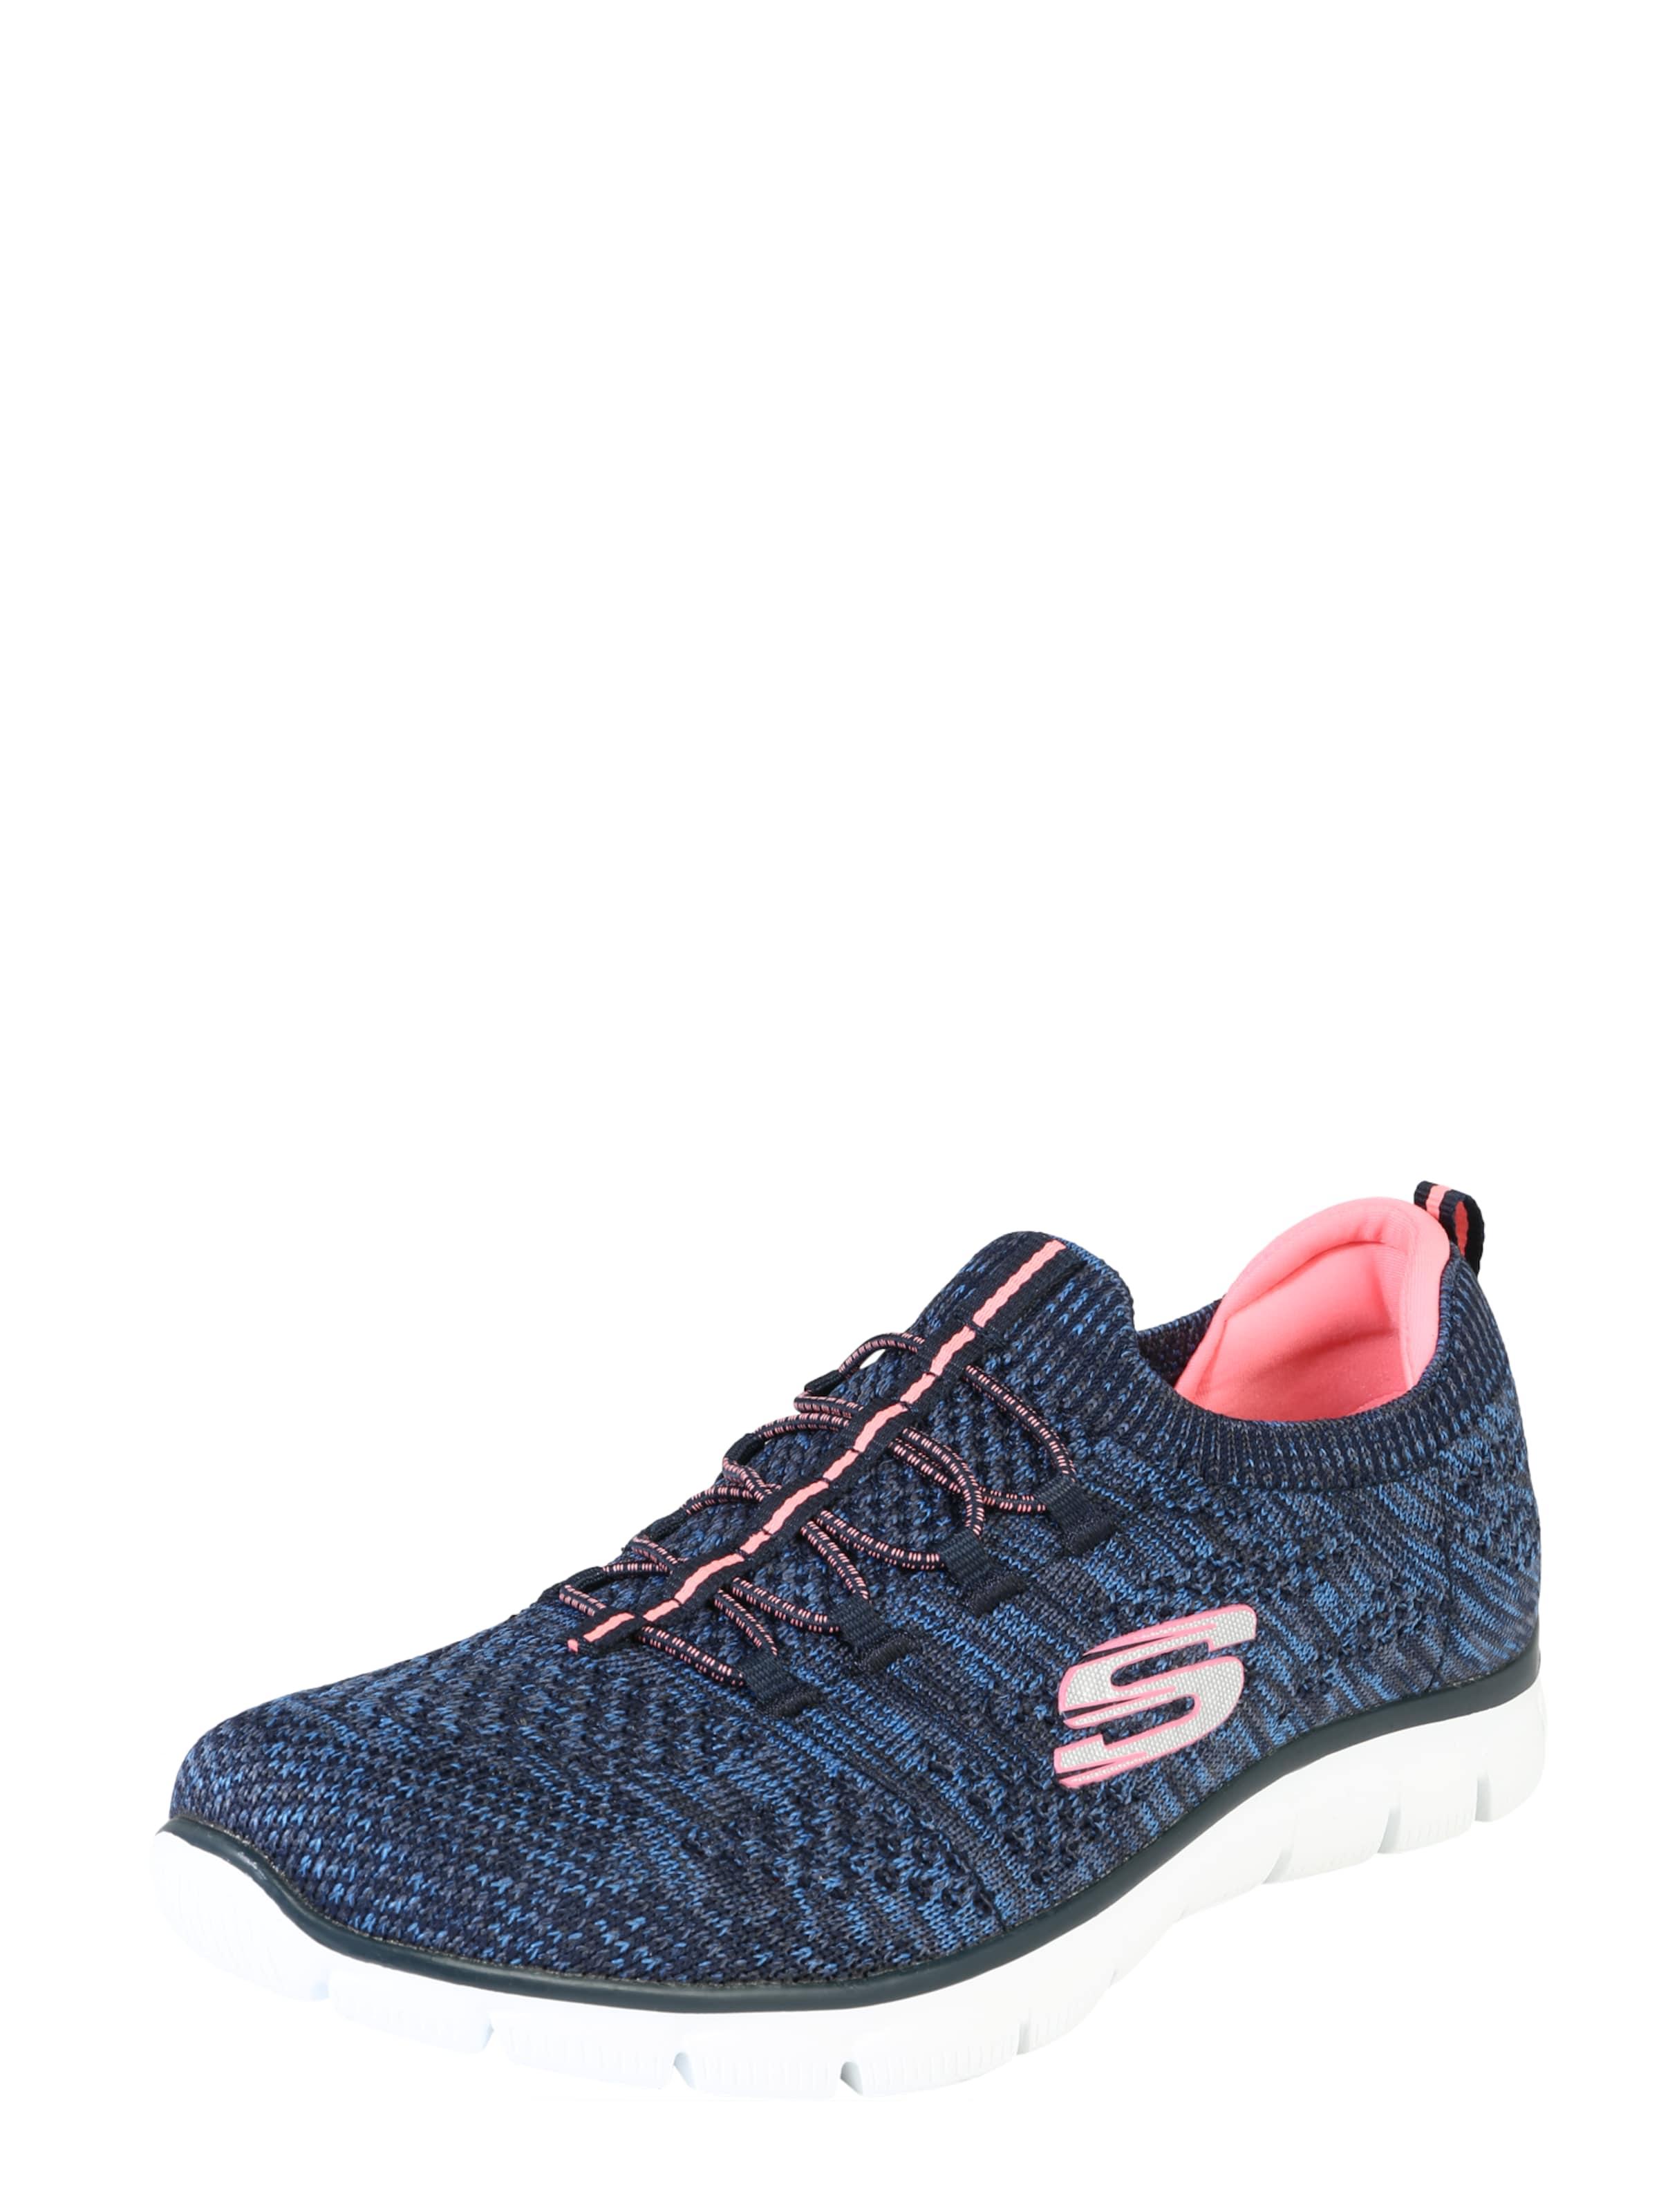 Online-Shopping-Freies Verschiffen SKECHERS Sneaker 'EMPIRE - SHARP THINKING' Zum Verkauf Online-Verkauf Günstig Kaufen 100% Garantiert Freies Verschiffen Die Besten Preise UdgwSkDs